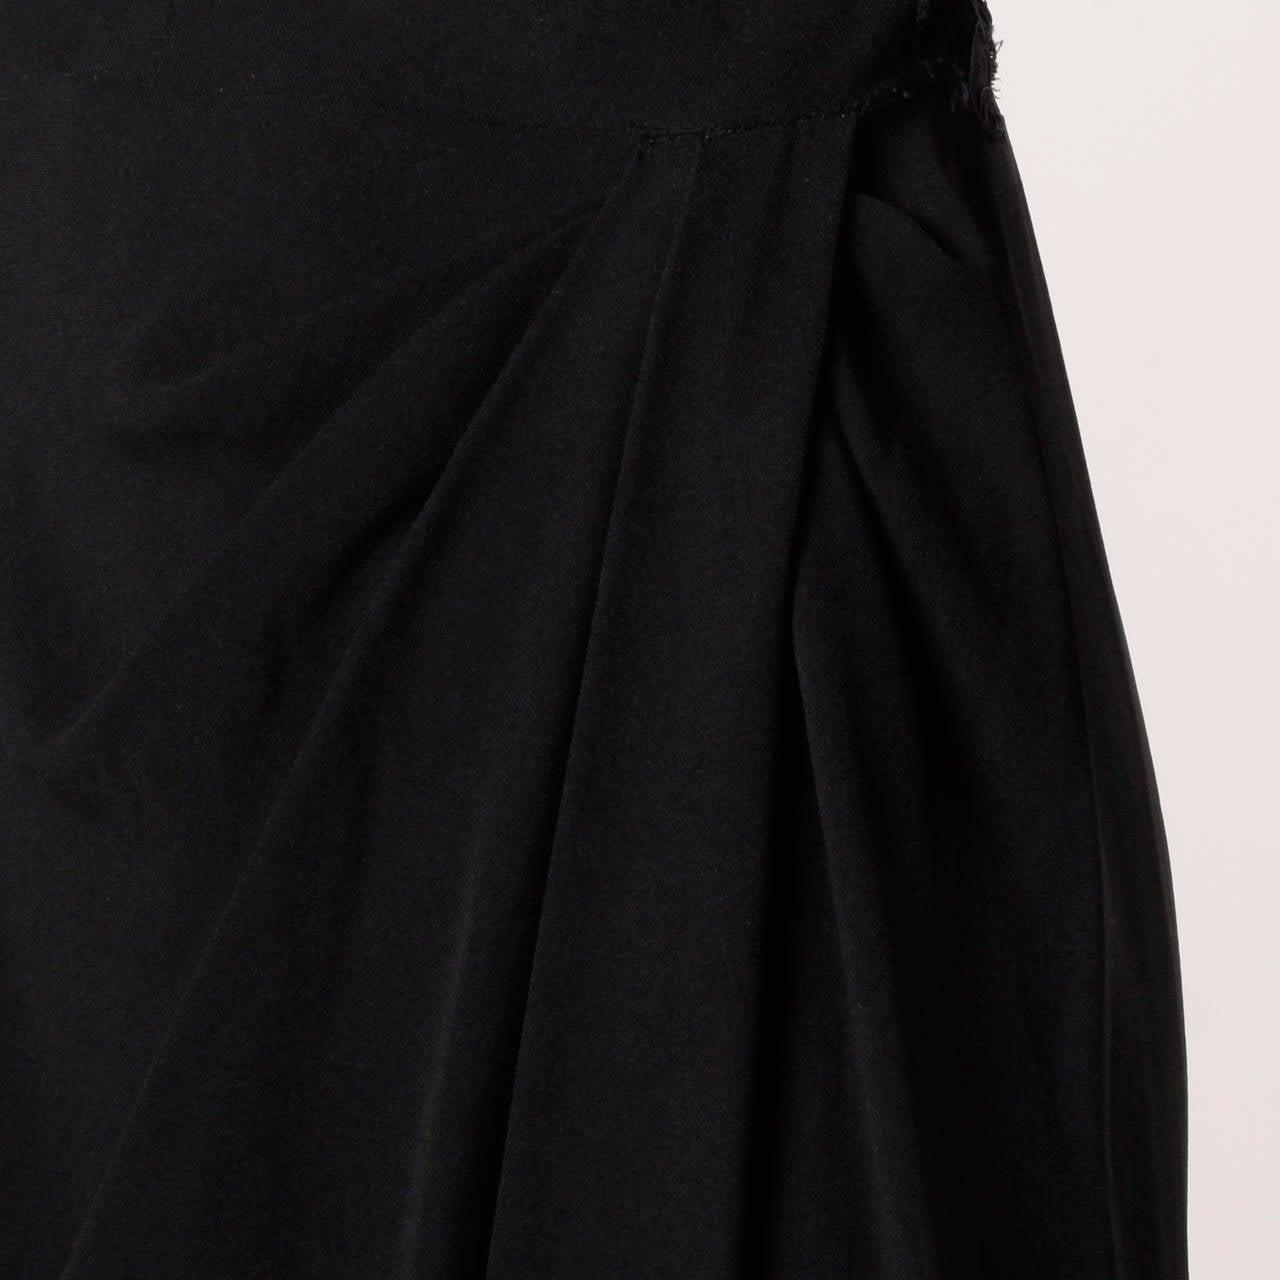 Dorothy O'Hara Vintage Black Lace Cocktail Dress, 1940s  For Sale 2